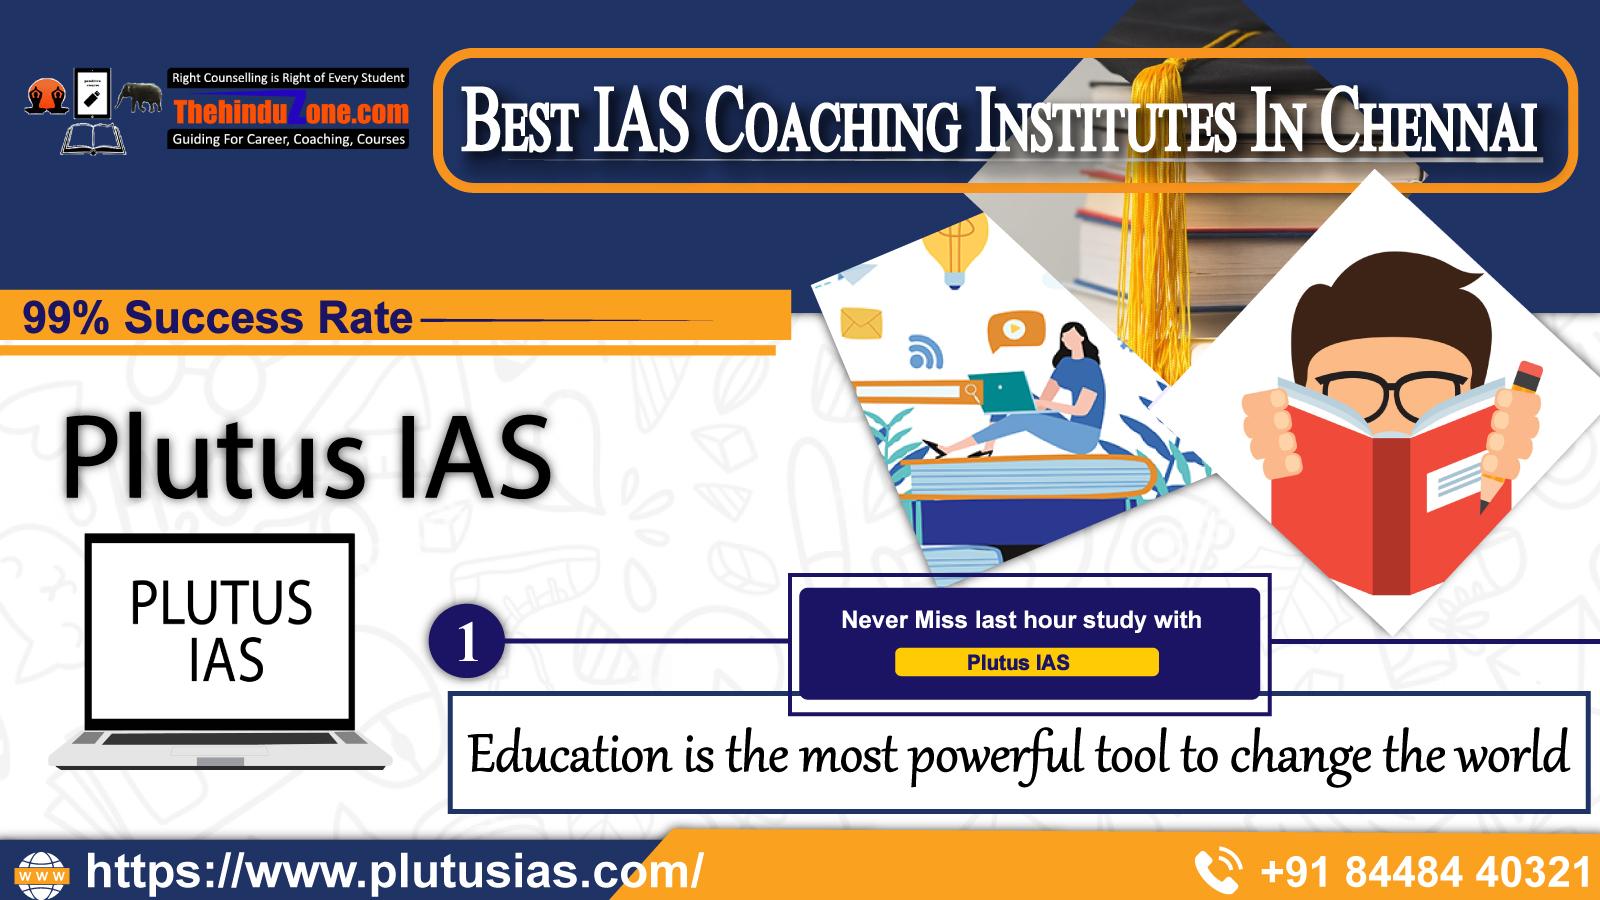 Plutus ias coaching In Chennai